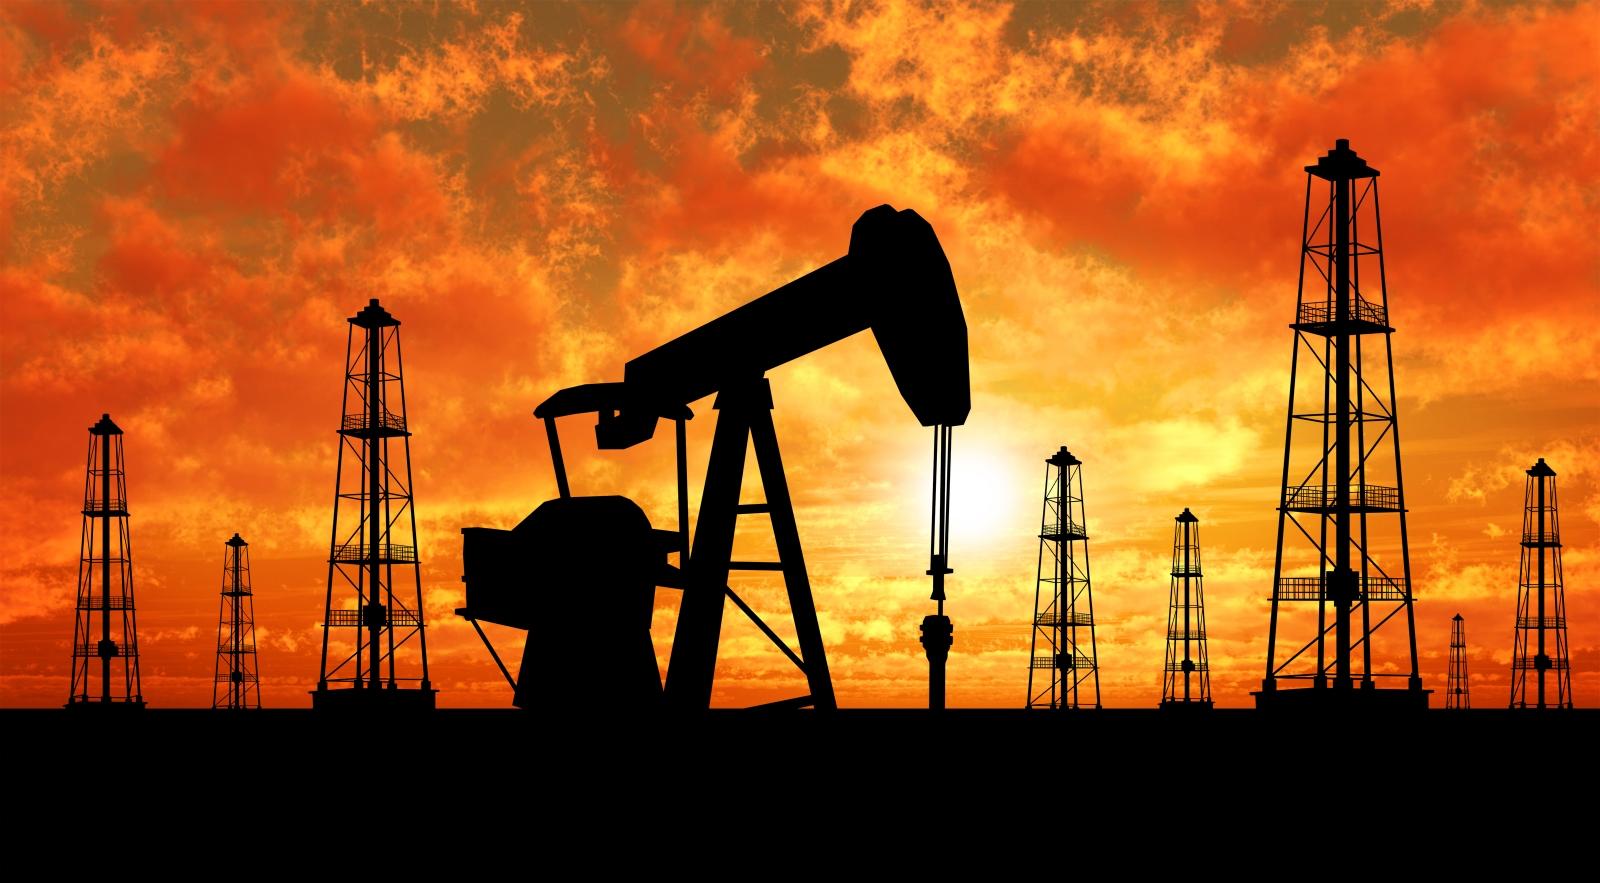 Акции российских компаний падают вслед за нефтью: новость из Китая обвалила рынок